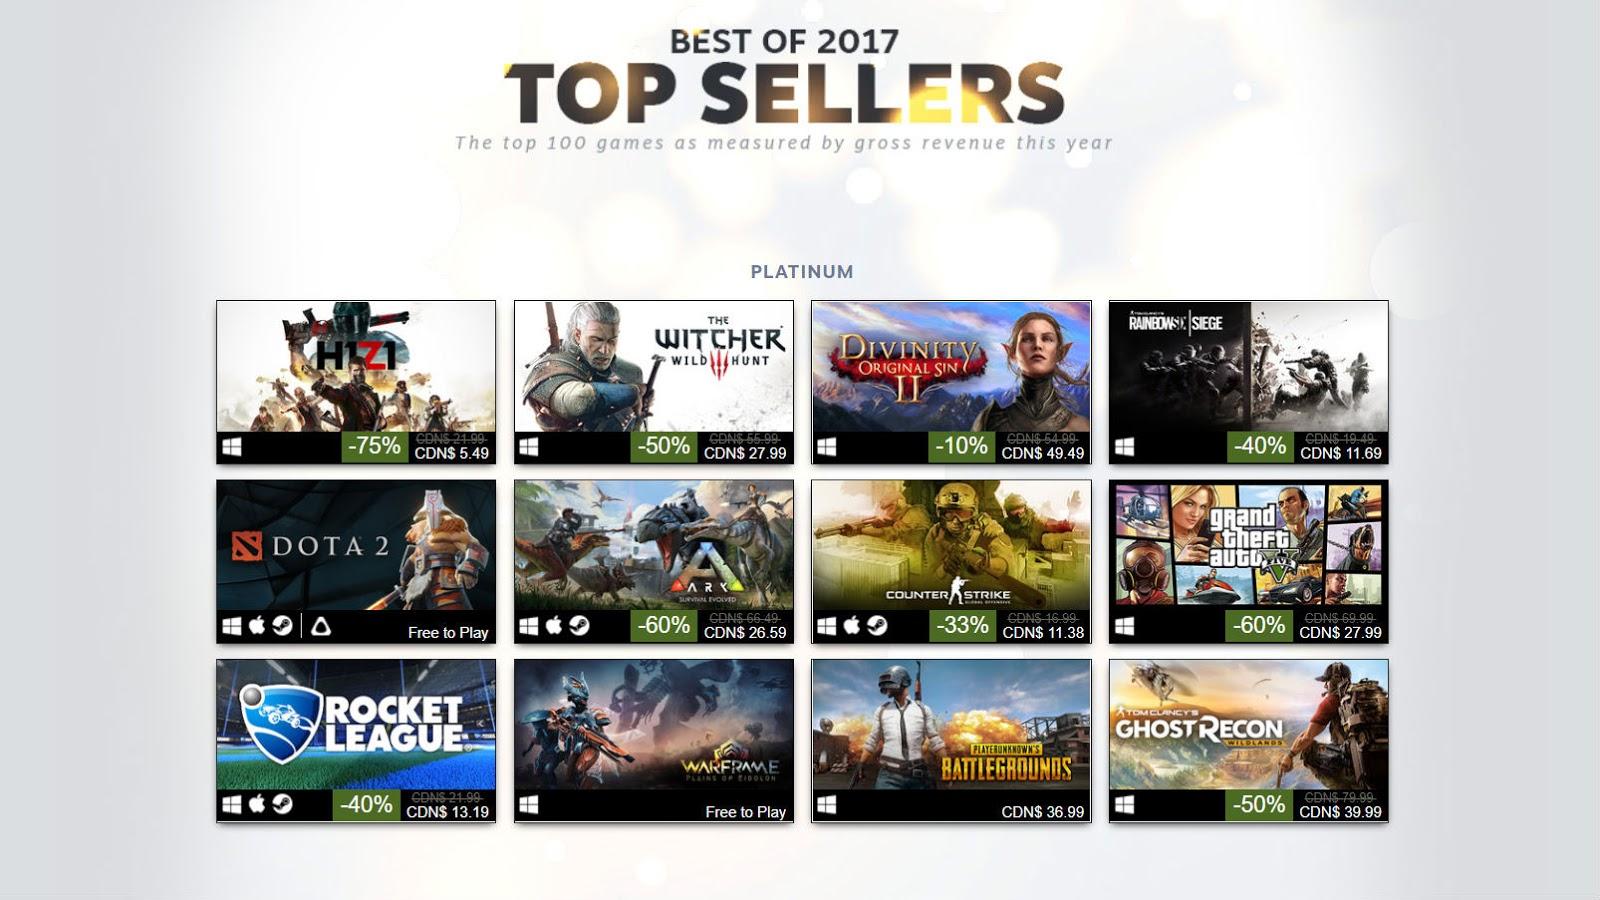 12 Games Yang Terlajak Laris Dijual di Steam Tahun 2017